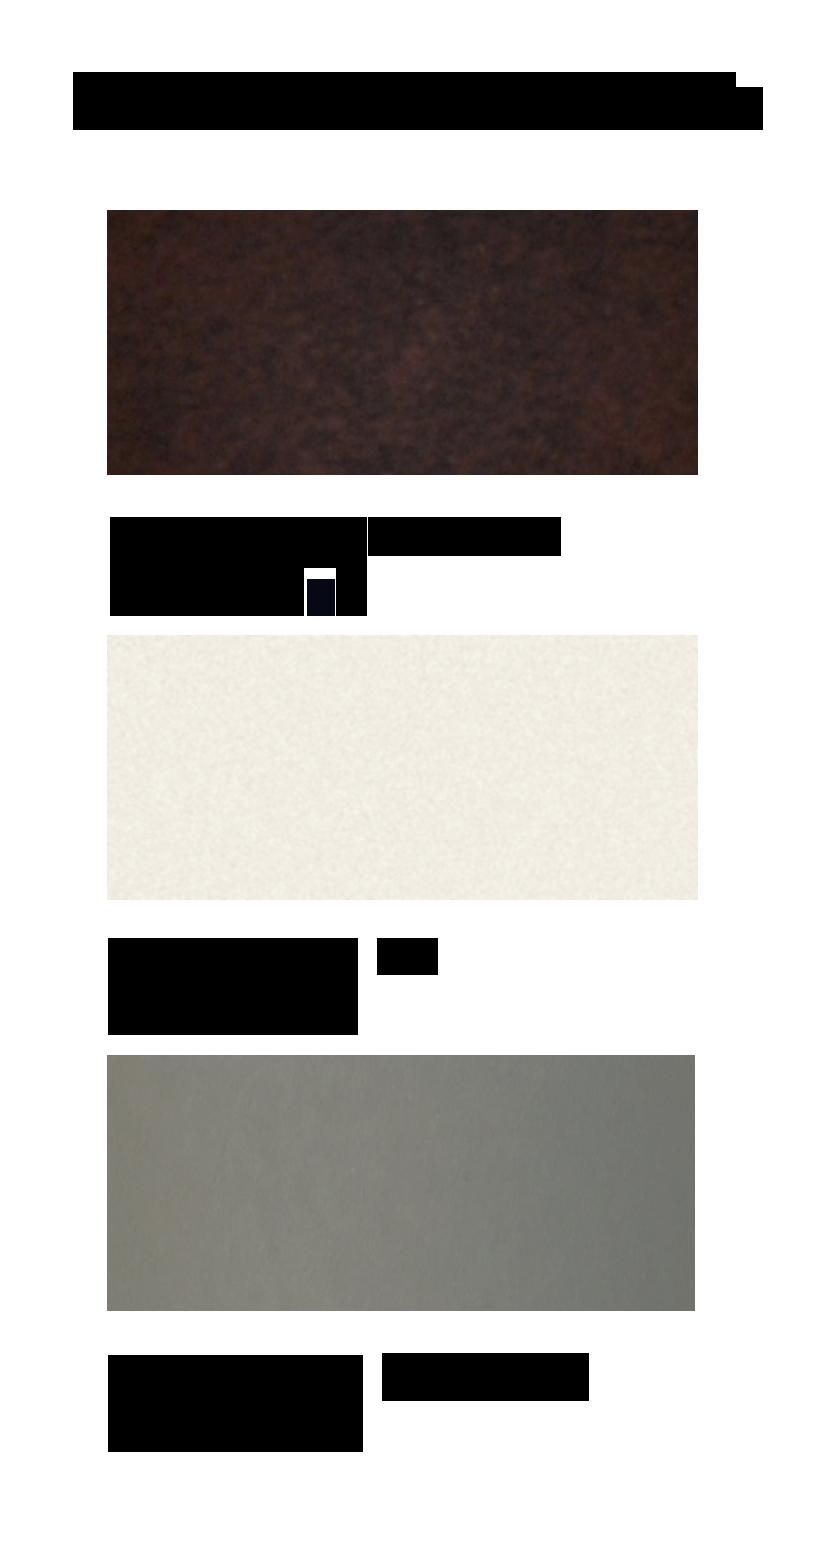 Baldachine Farbe weiss, braun-schwarz, Beton